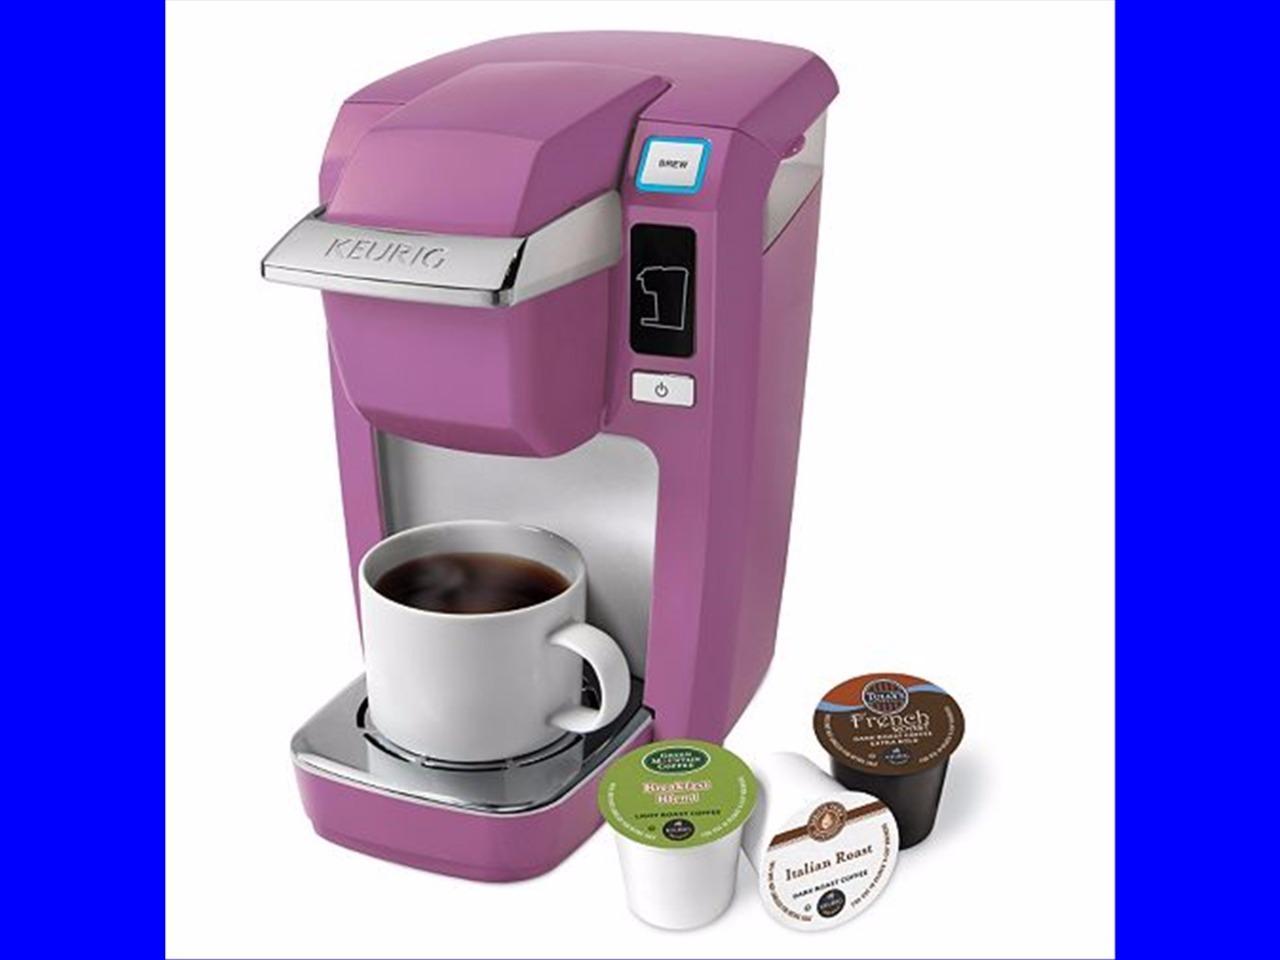 Keurig Coffee Maker Green : Keurig K10 Mini Plus White. Purple Keurig Machine. Keurig K10 Mini Plus Brewing System. 1 Cup ...